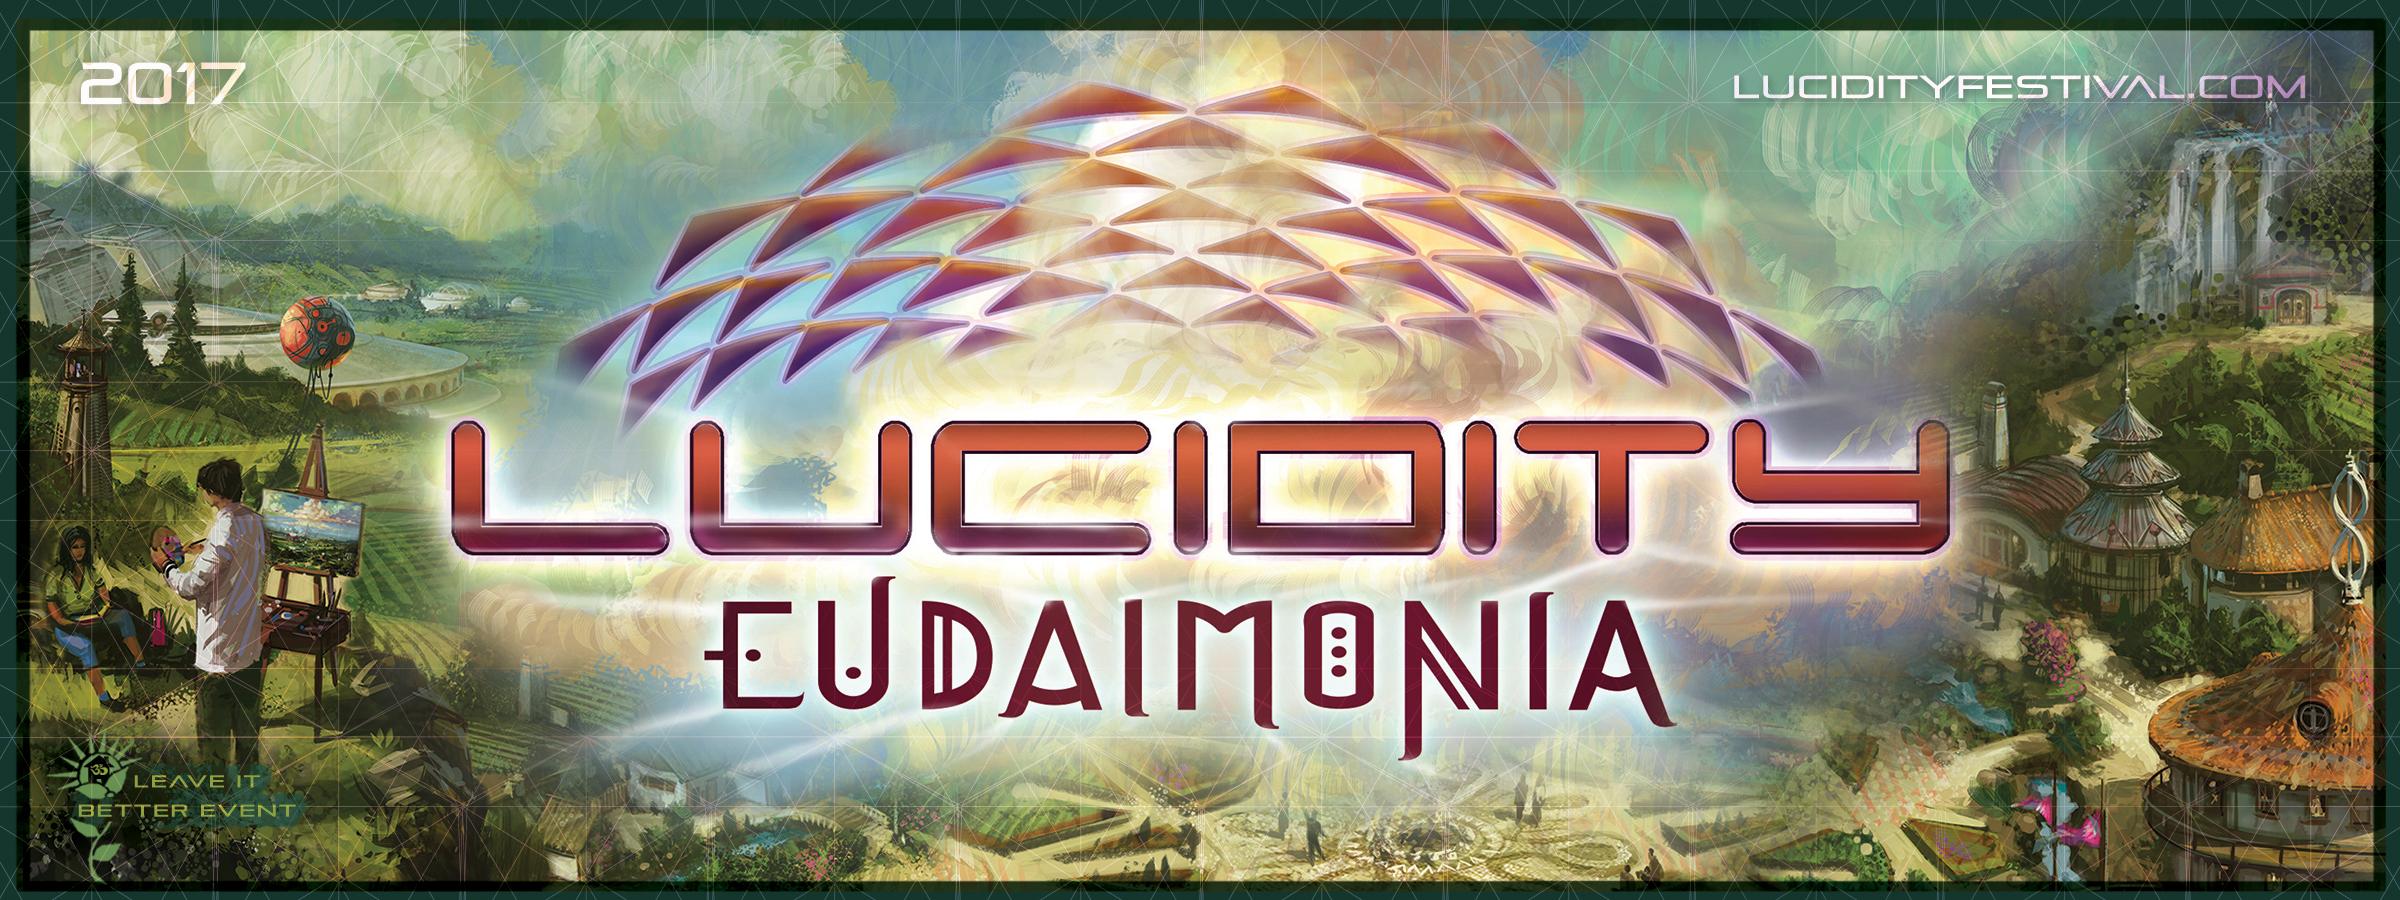 Eudaimonia Bumper Sticker